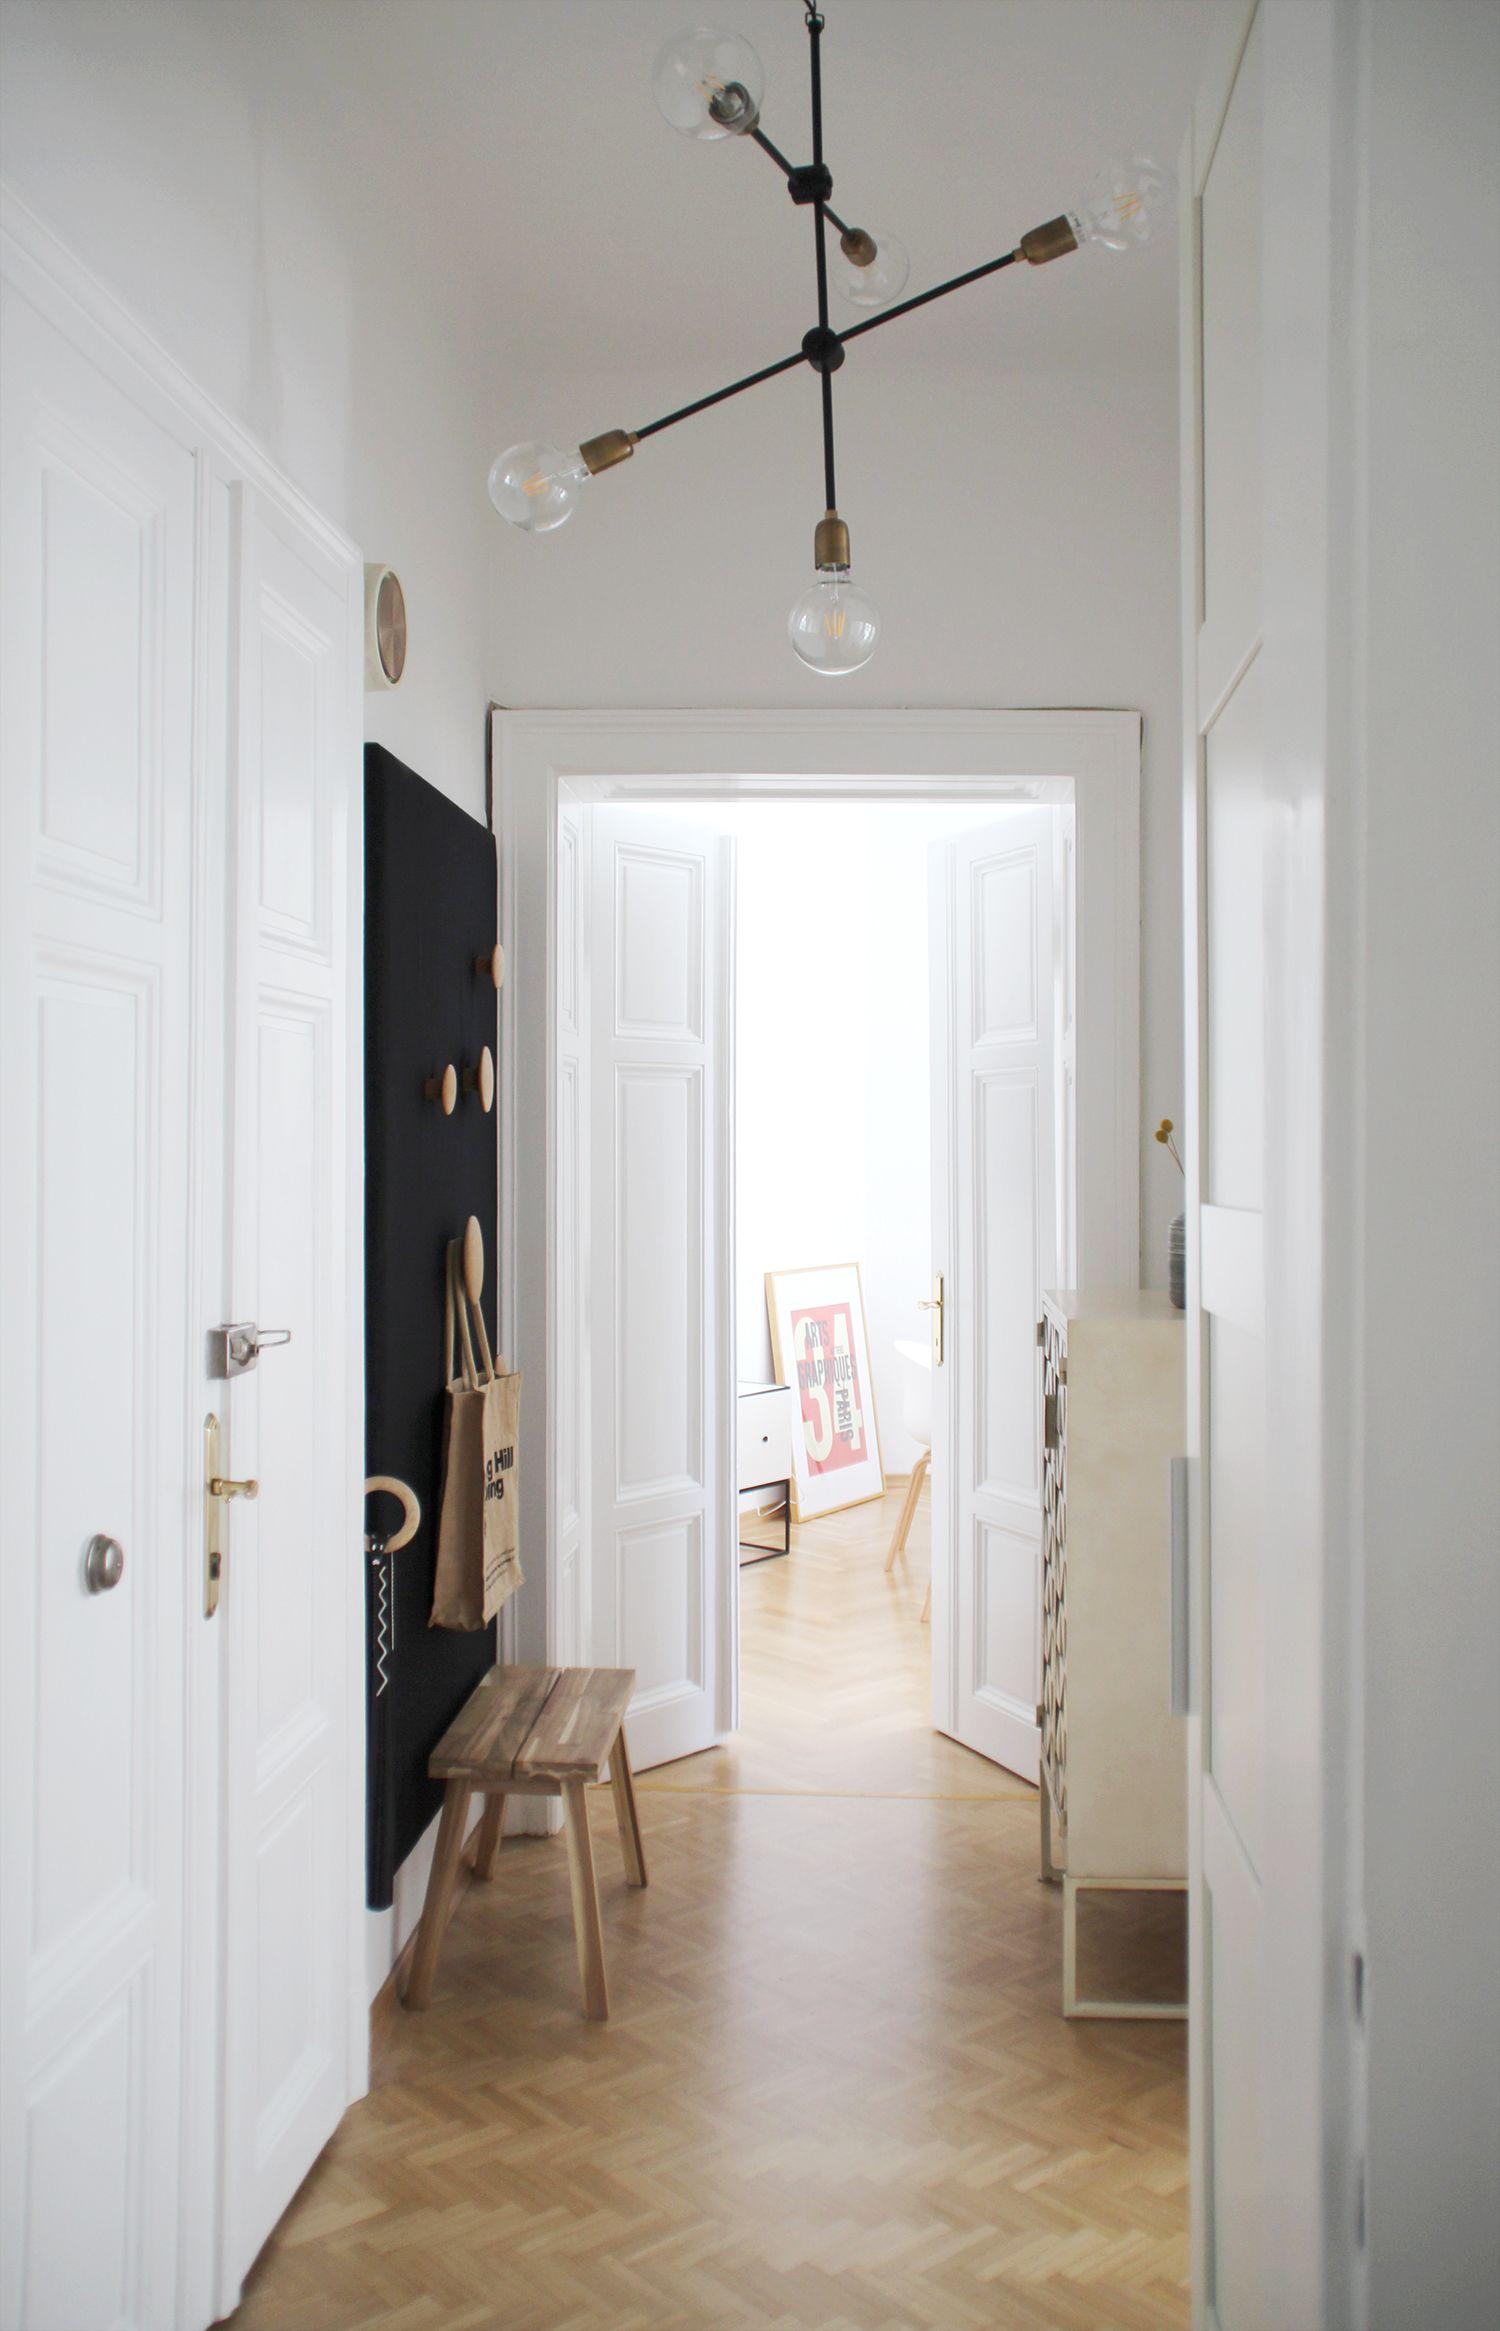 Flurblick Haus Deko Altbau Wohnzimmer Neue Wohnung